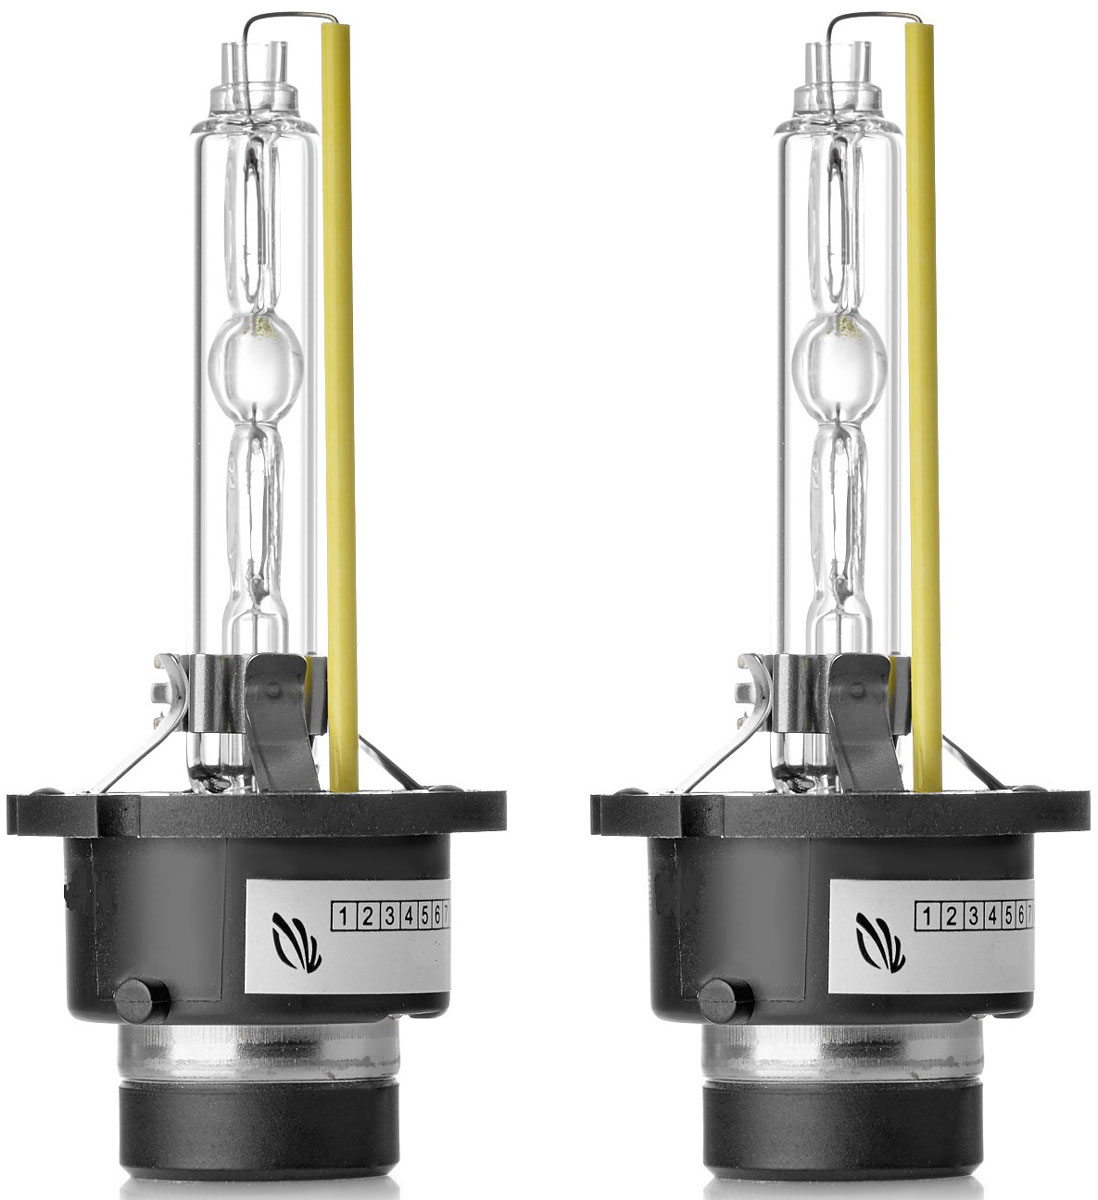 Лампа автомобильная ксеноновая Clearlight Xenon Premium+150%, цоколь D4S, 5000 К, 35 Вт, 2 штPCL D4S 150-2XP-2Лампы Xenon Premium+150% подойдут для самых взыскательных покупателей. Высокая яркость лампы достигнута за счет применения инновационных технологий, позволивших увеличить давление газов внутри колбы лампы. +150% яркости, обзор +50 метров, кристально белый свет. Гарантия 2 года.